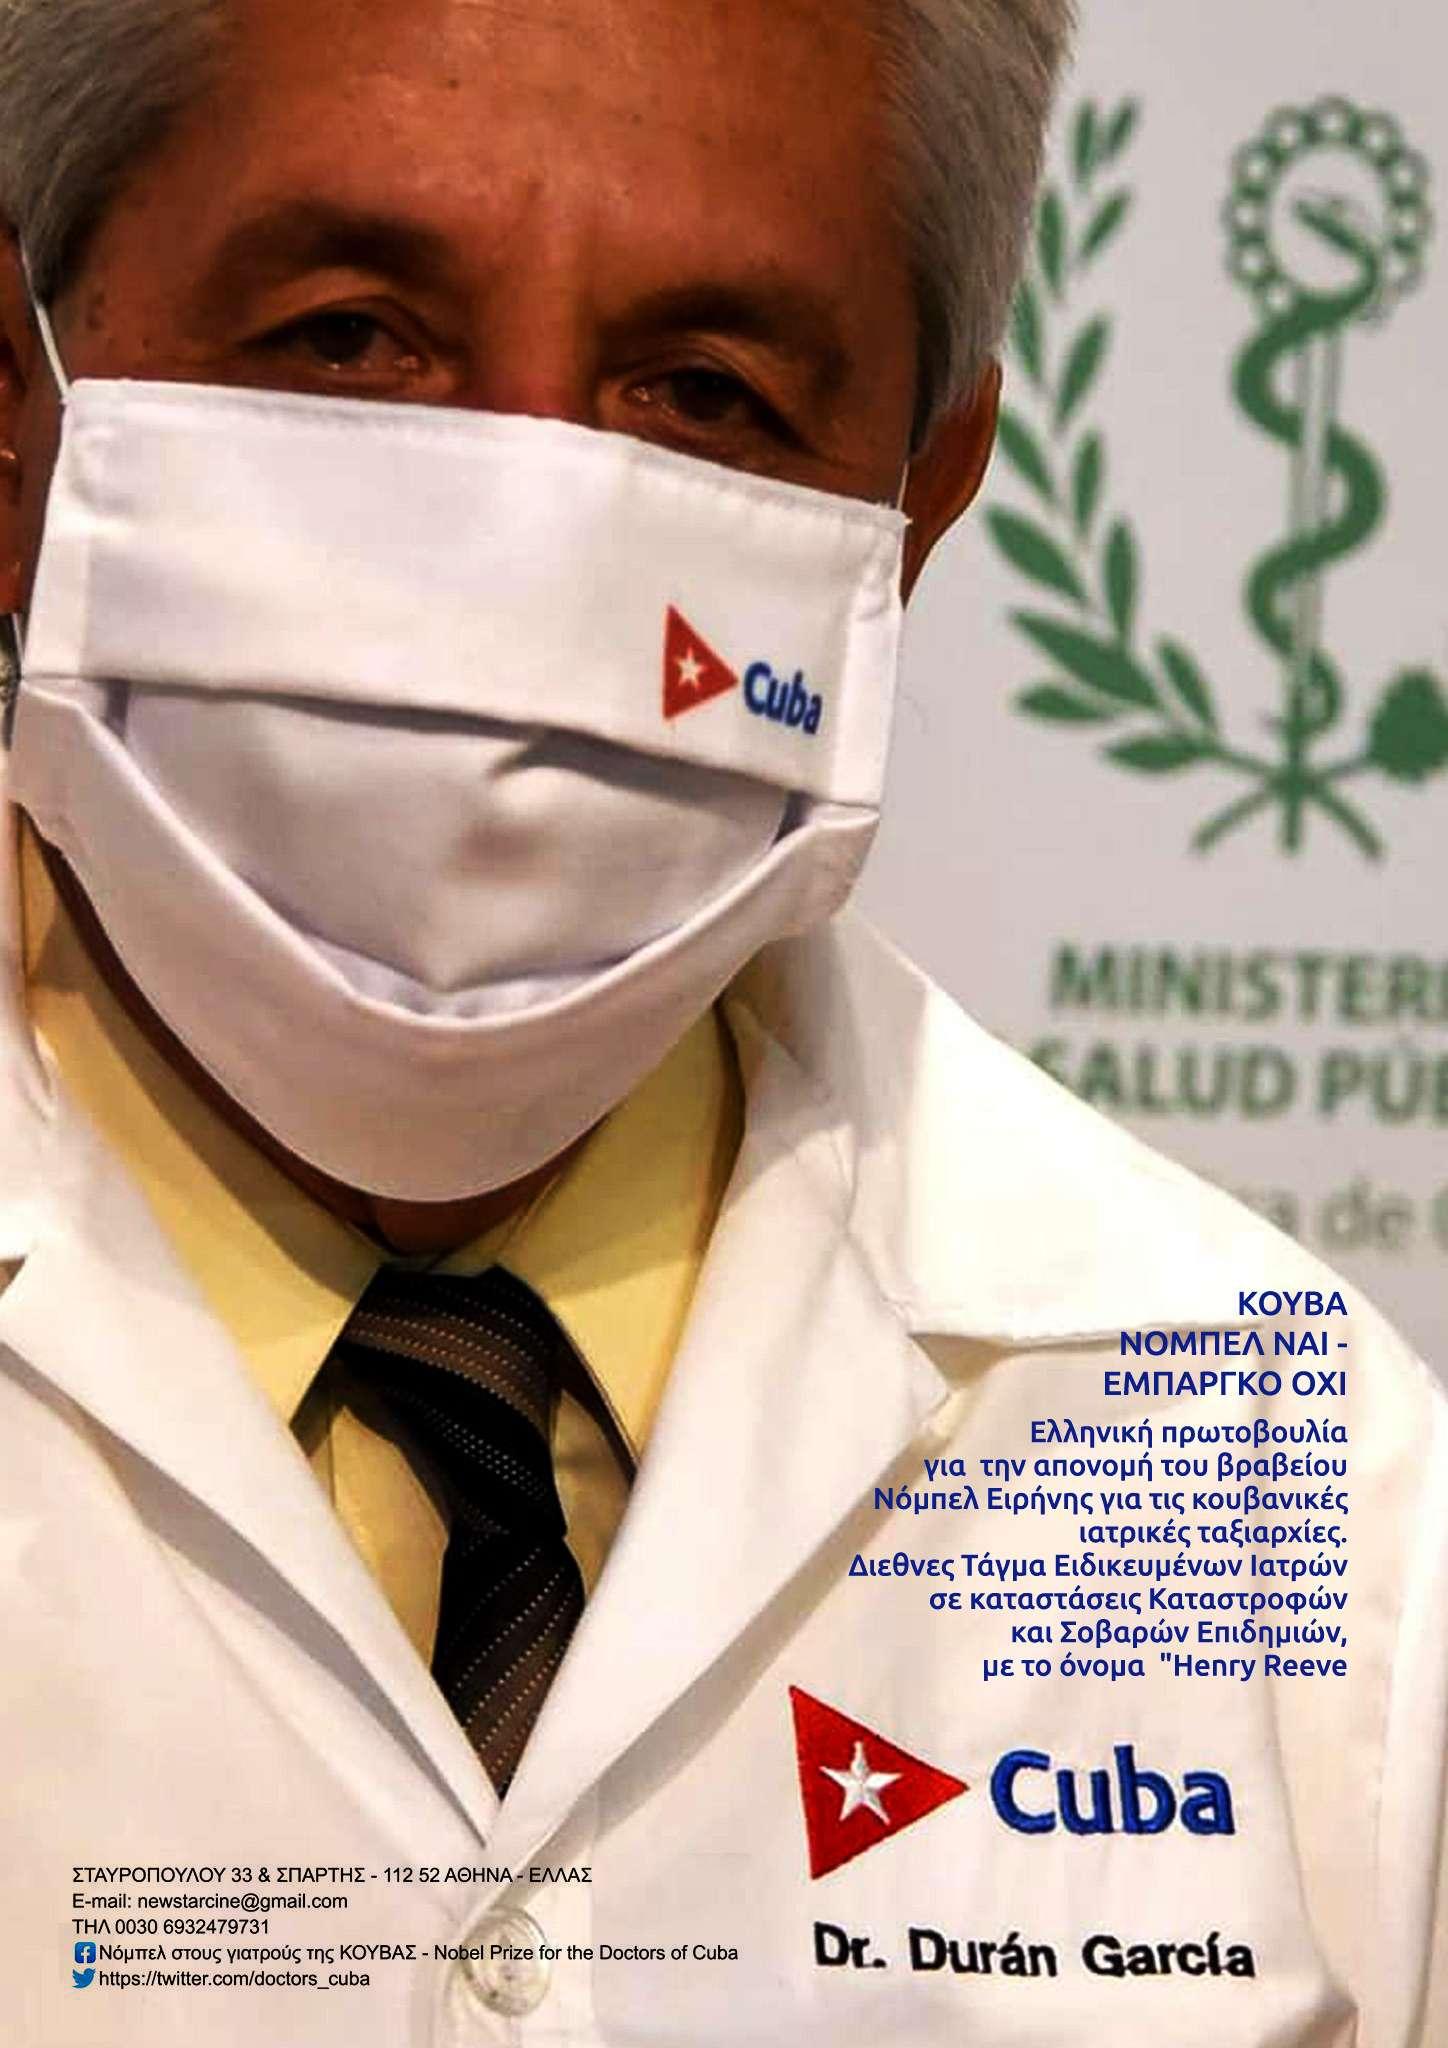 Premio Nobel de la Paz para las brigadas médicas cubanas Henry Reeve 2021 4